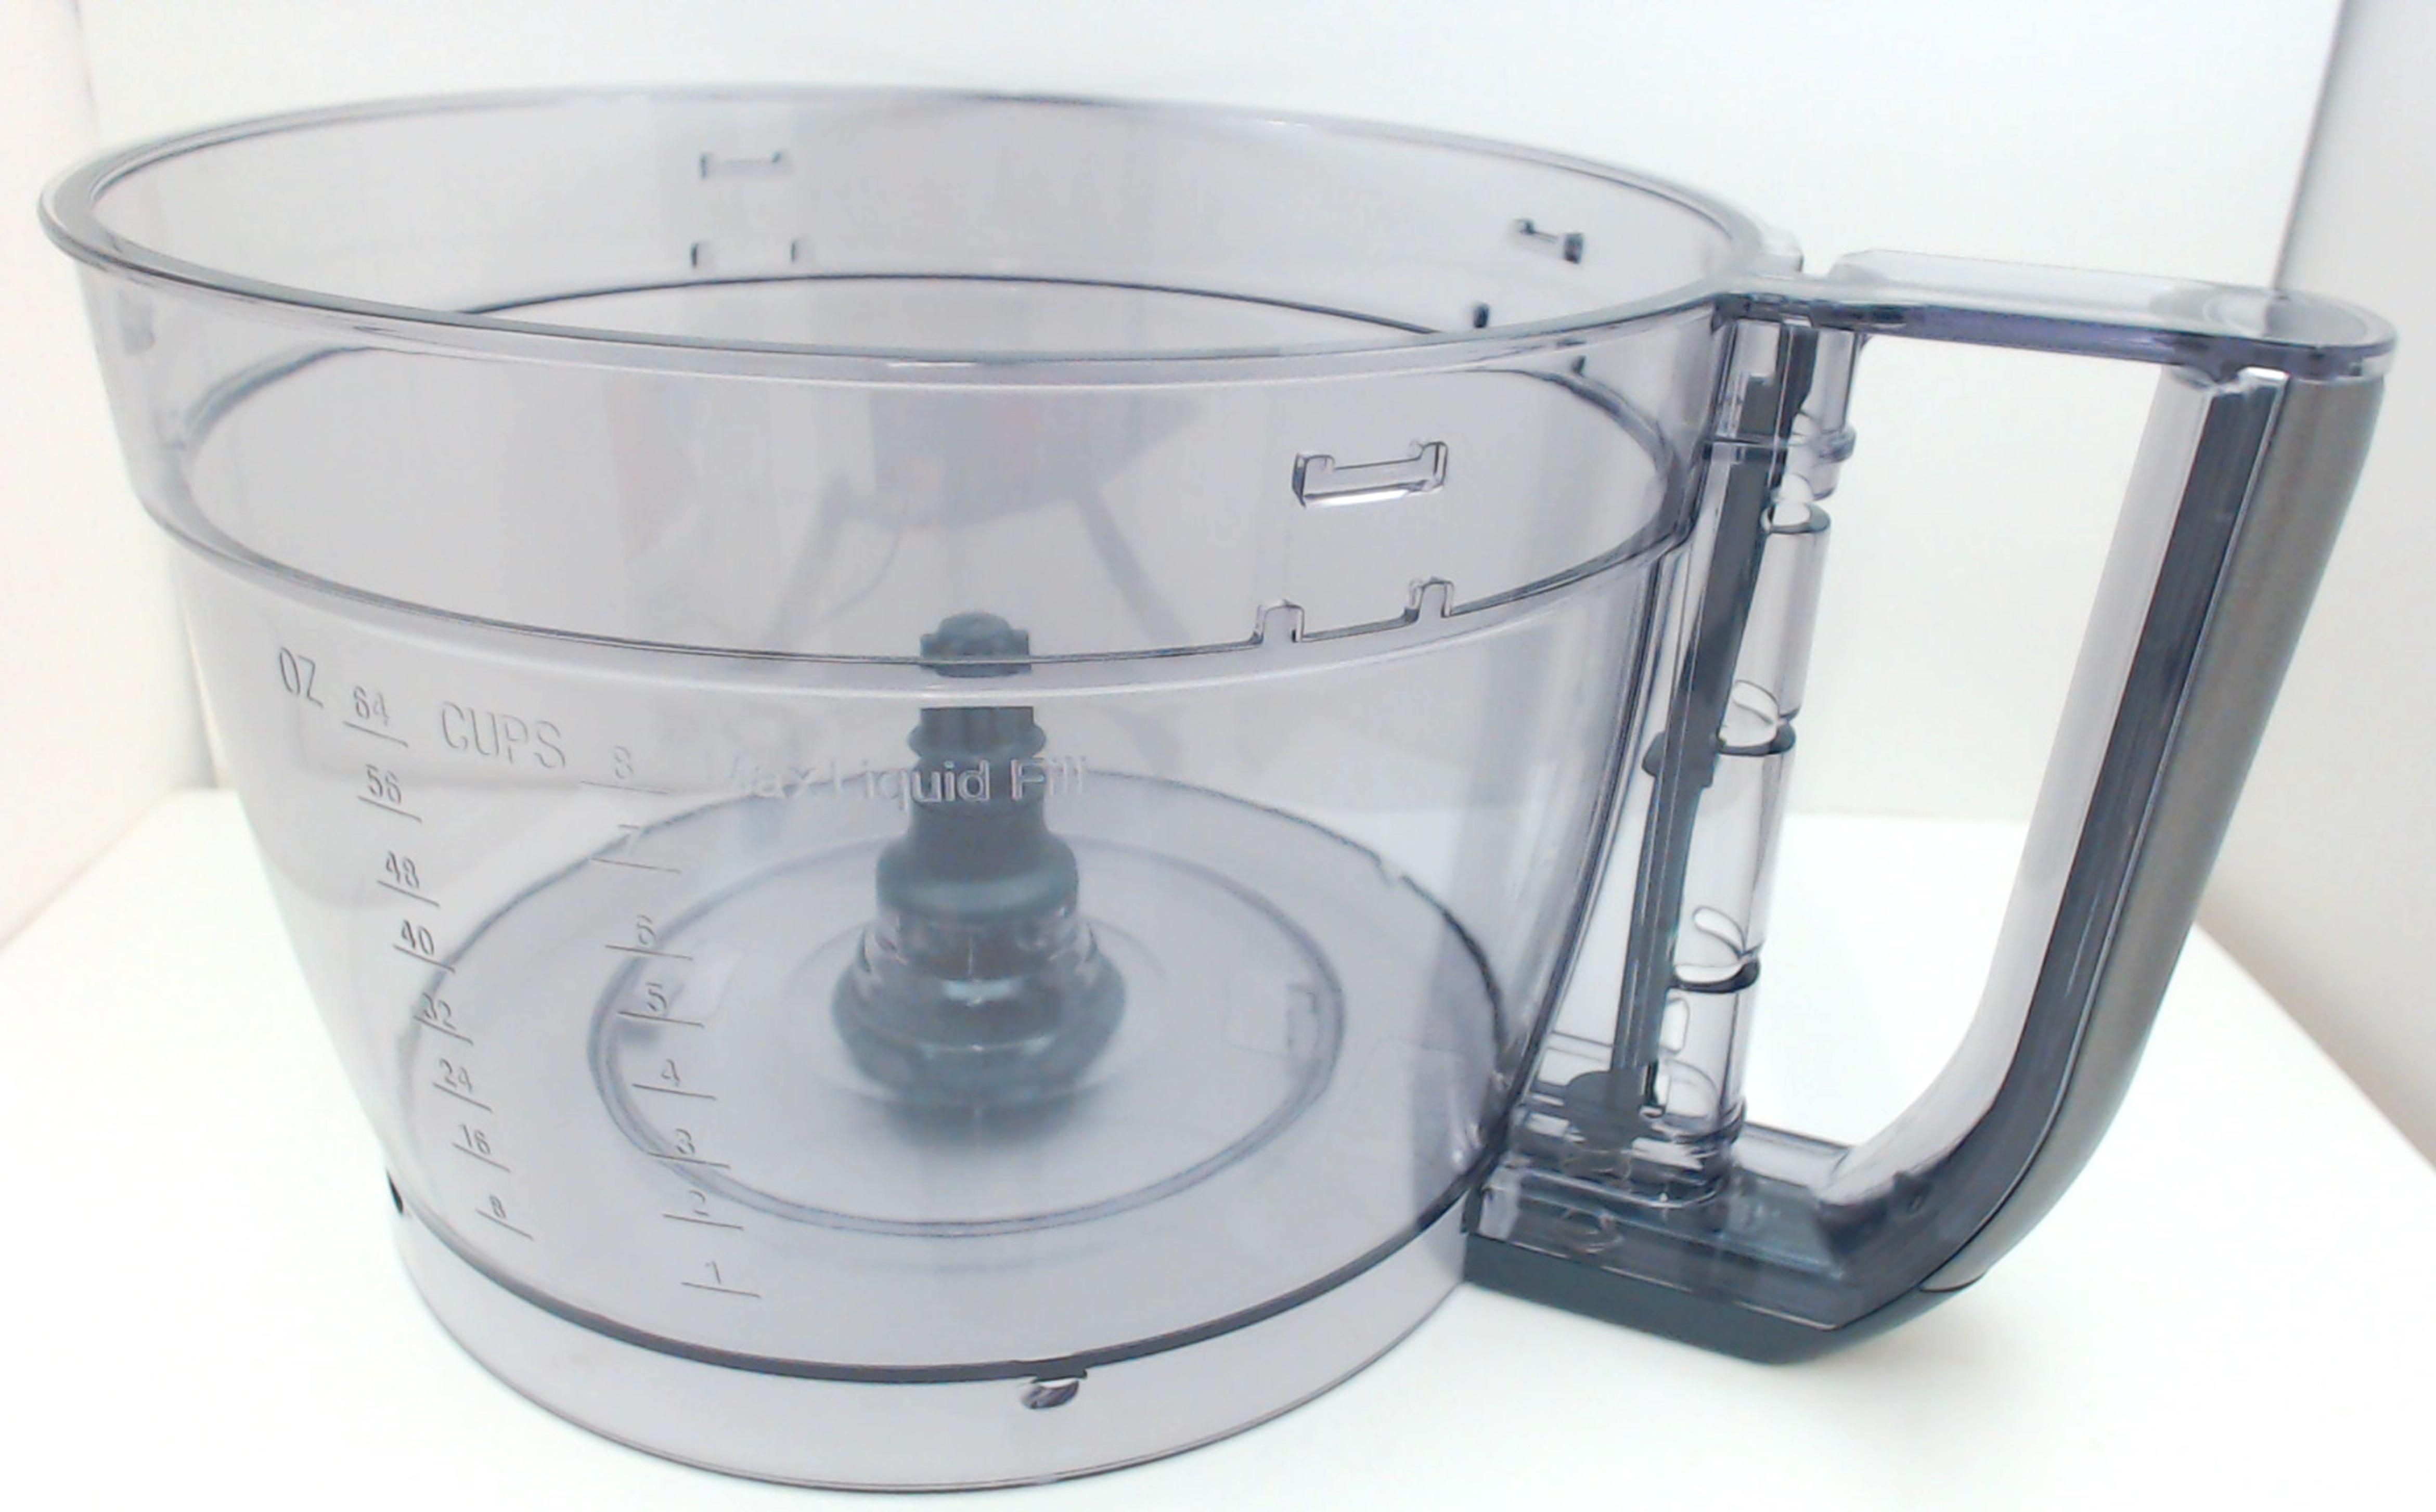 Cuisinart 13-Cup Elemental Food Processor Large Work Bowl Gun Metal FP-13GGMWB